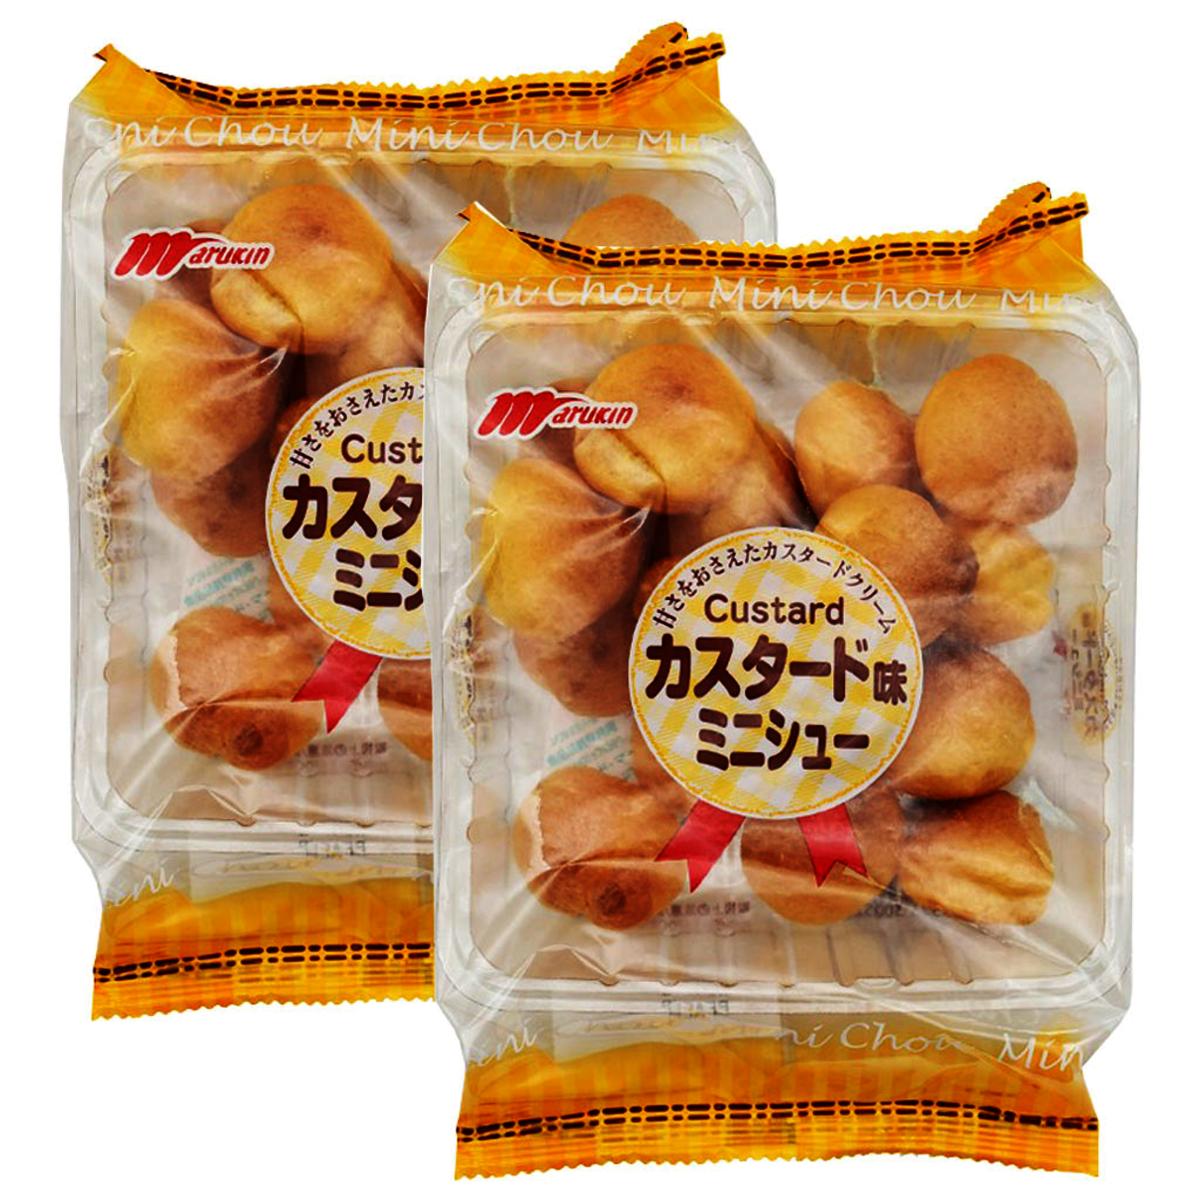 丸金蛋黃醬泡芙63g x 2